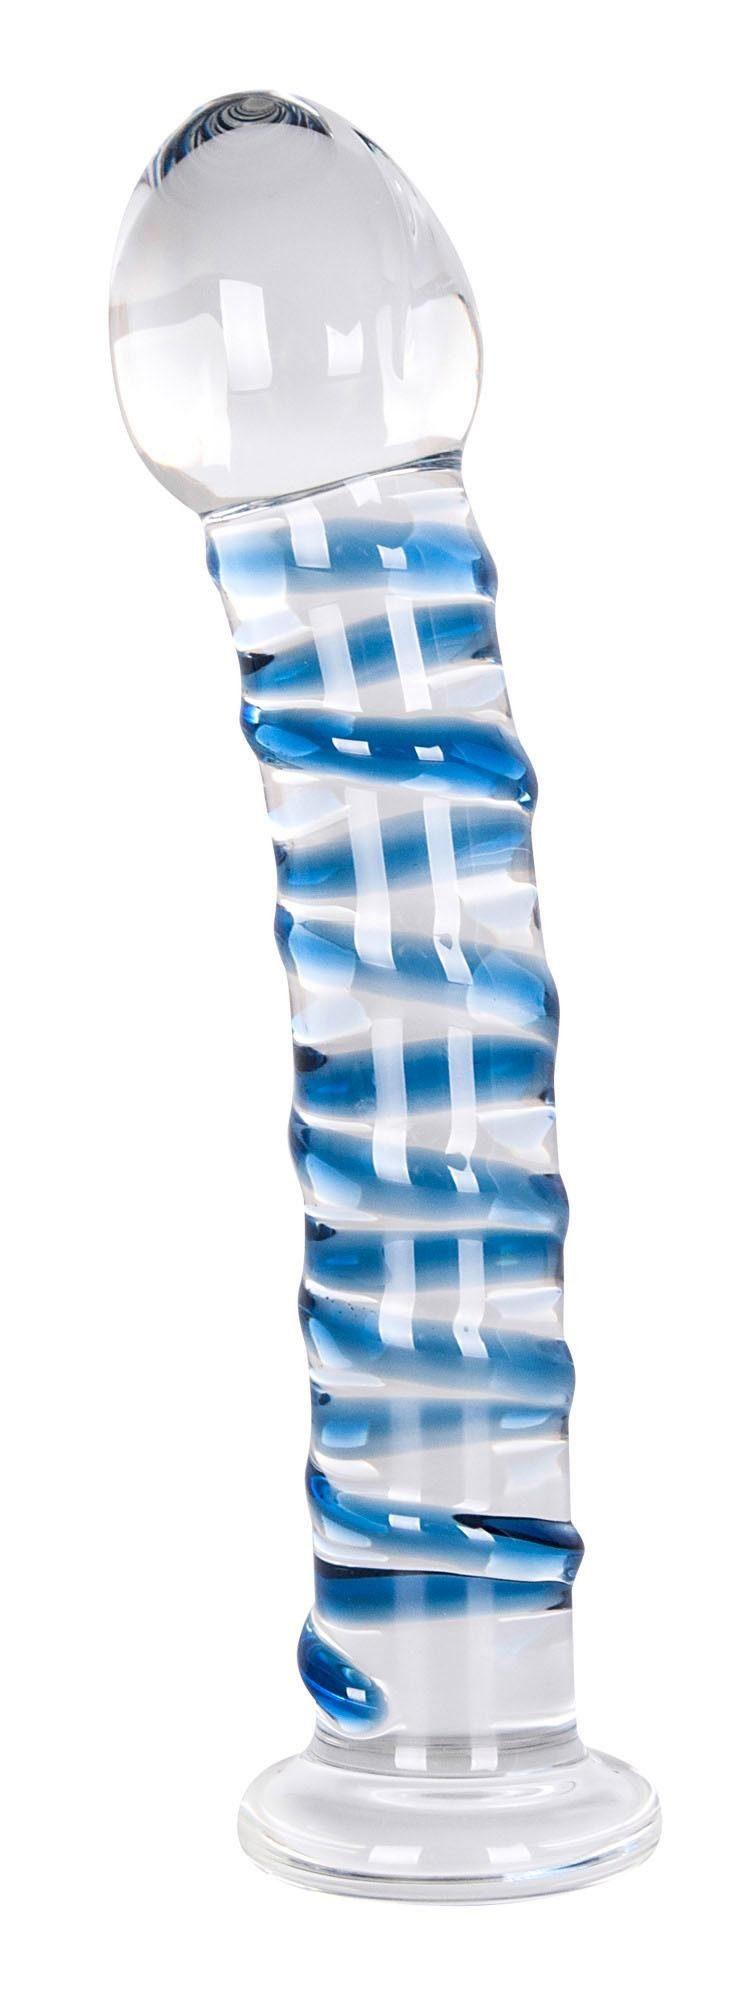 You2Toys Glasdildo Arts Clair Bleu Glasdildo, Leicht gebogener Dildo aus transparentem Qualitätsglas mit Reizspirale